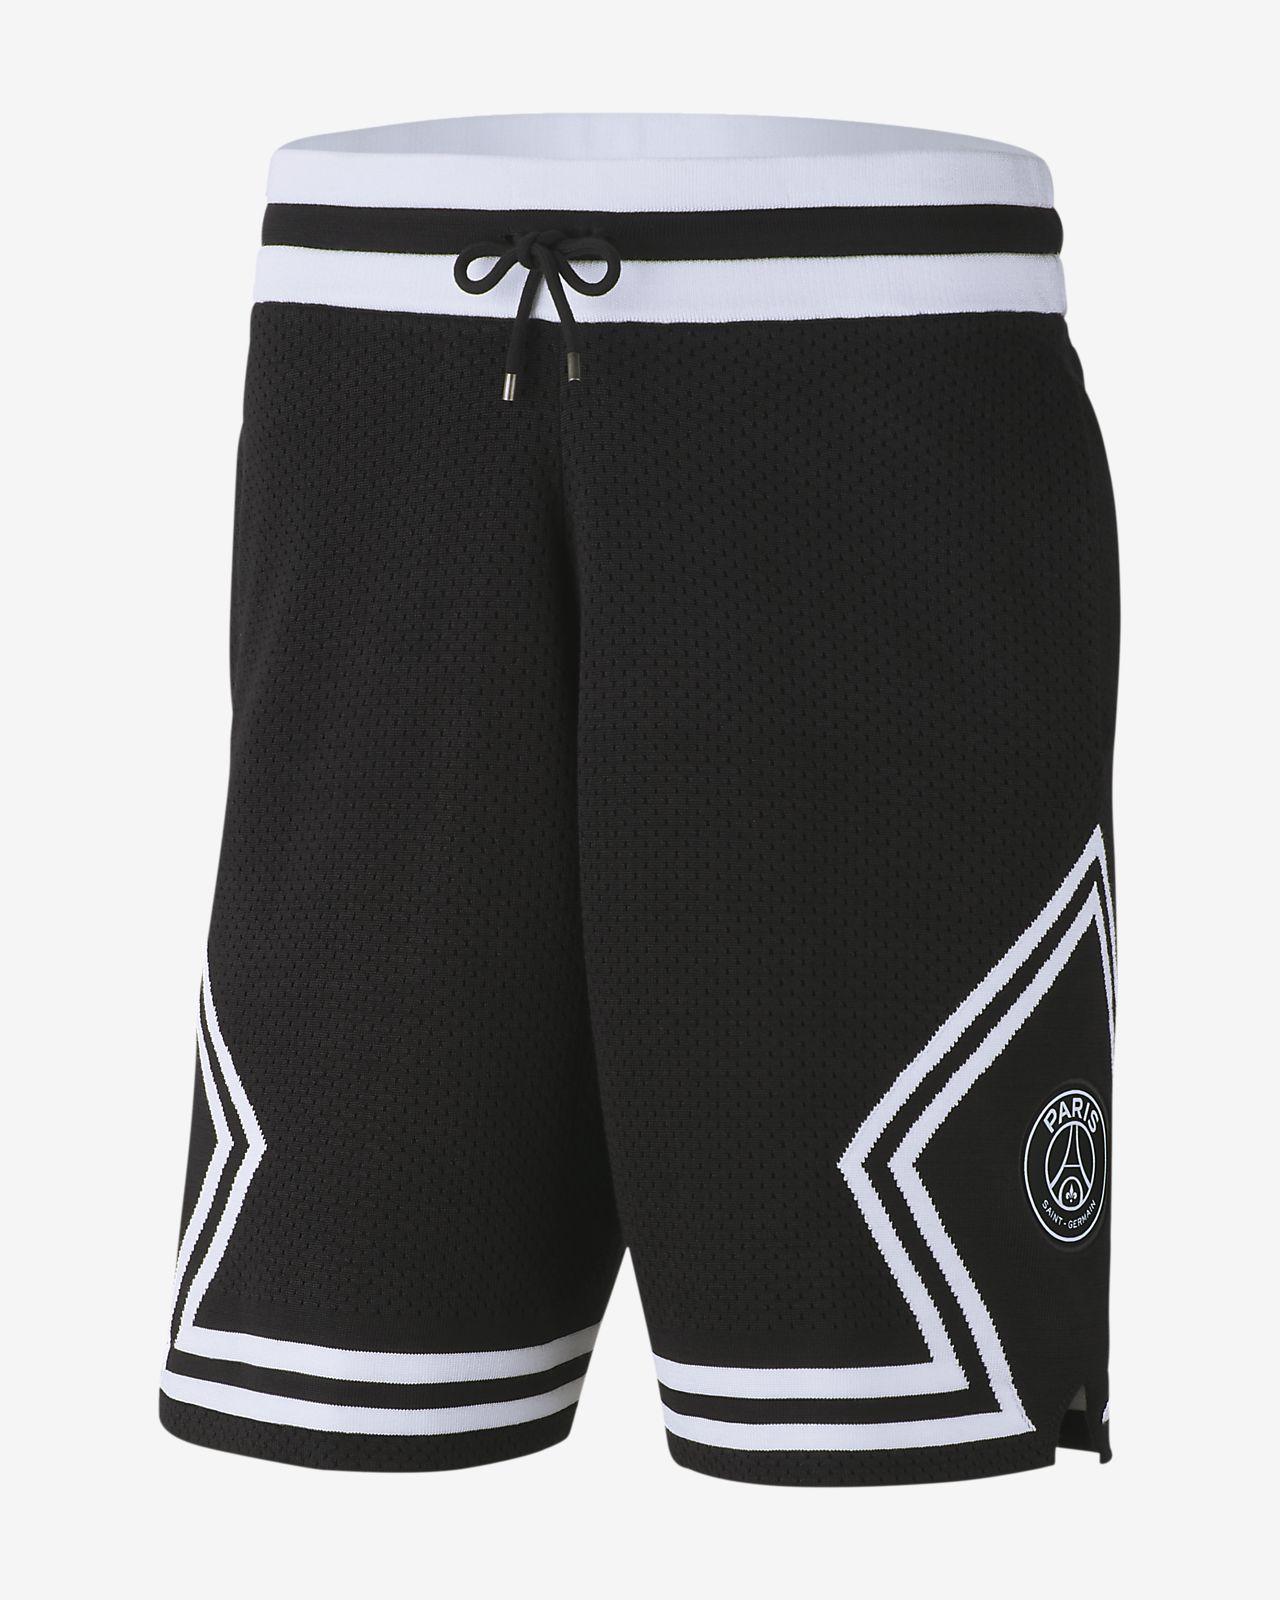 巴黎圣日耳曼 Diamond 男子针织短裤